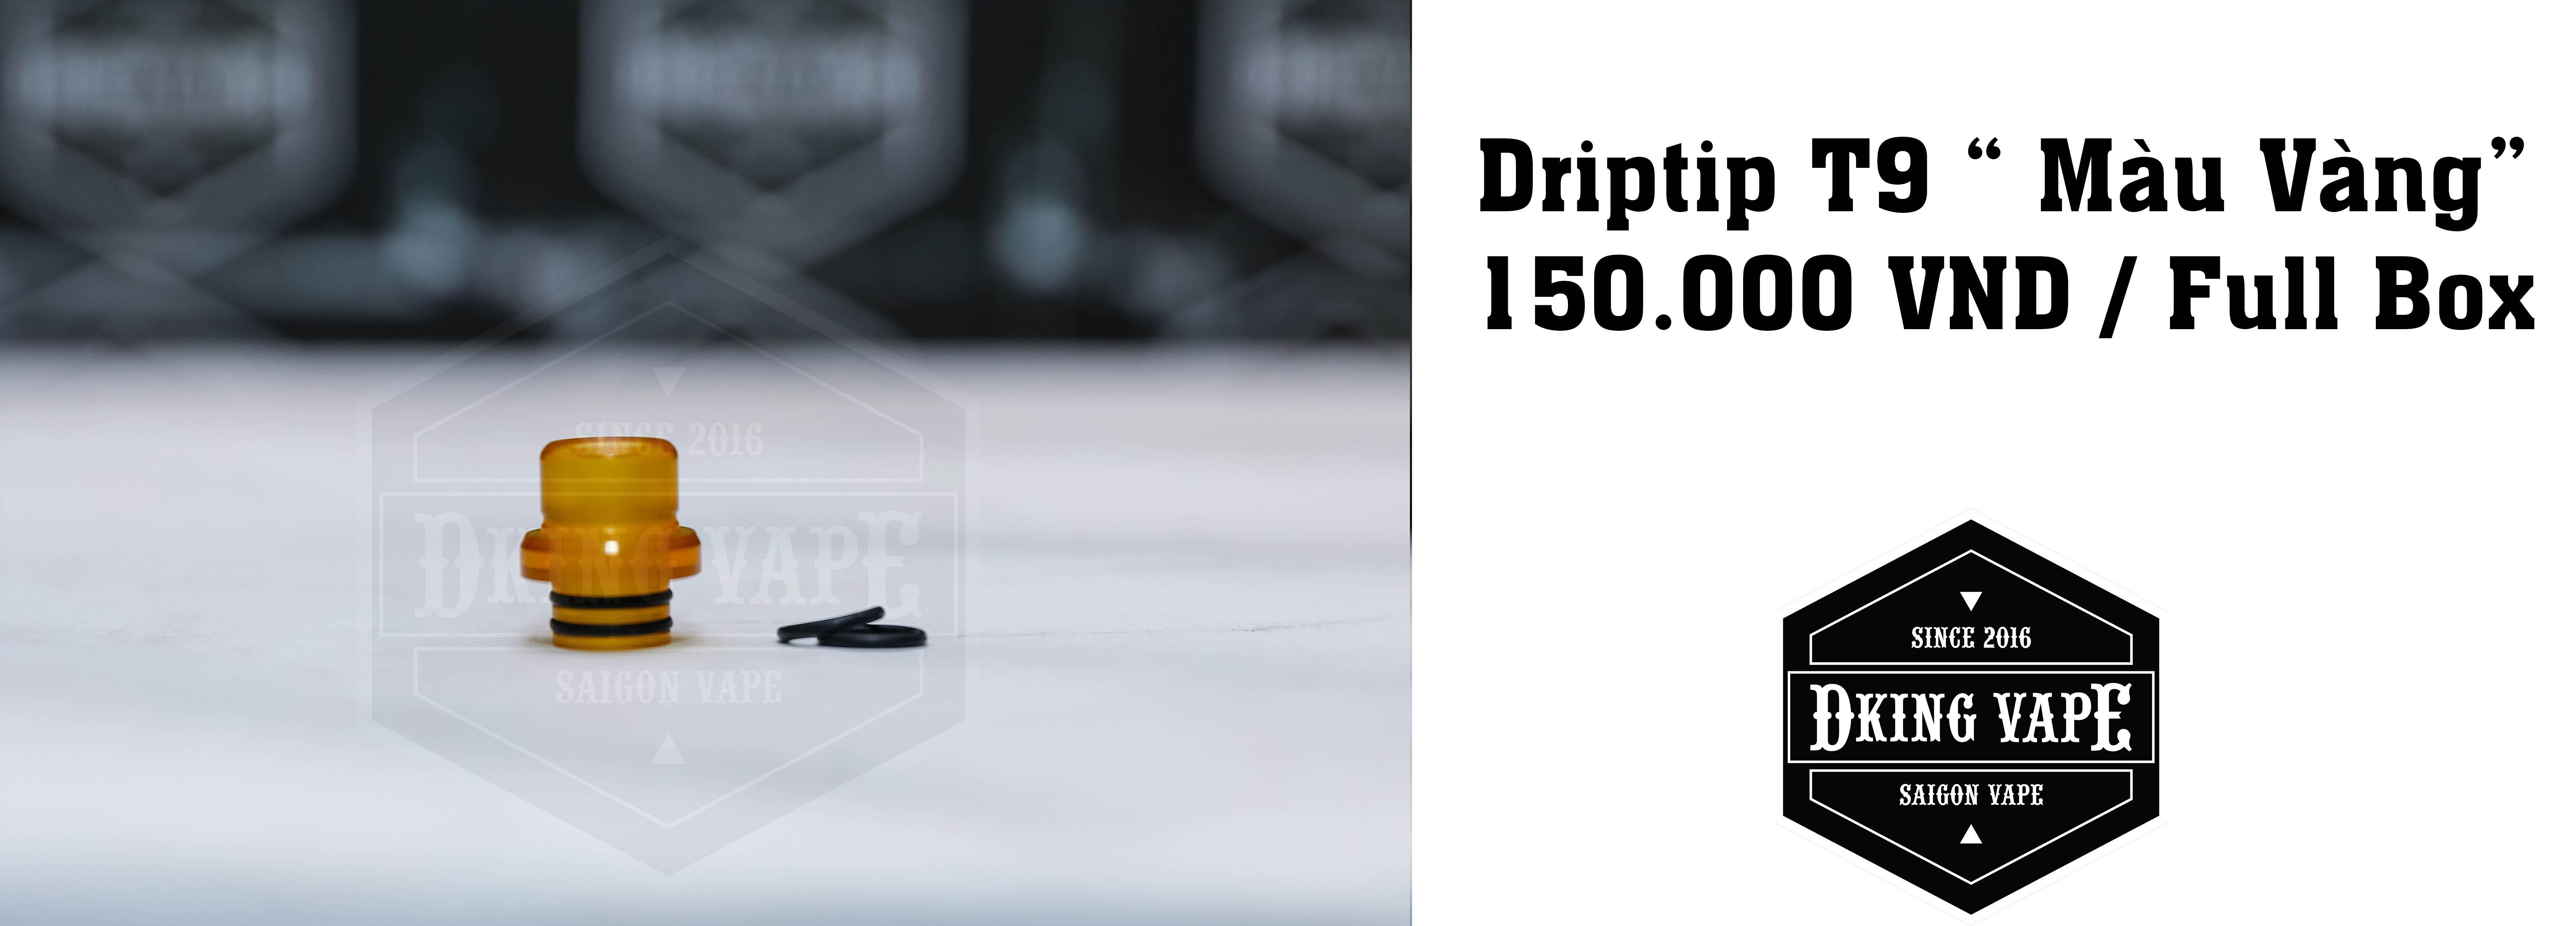 Driptip T9